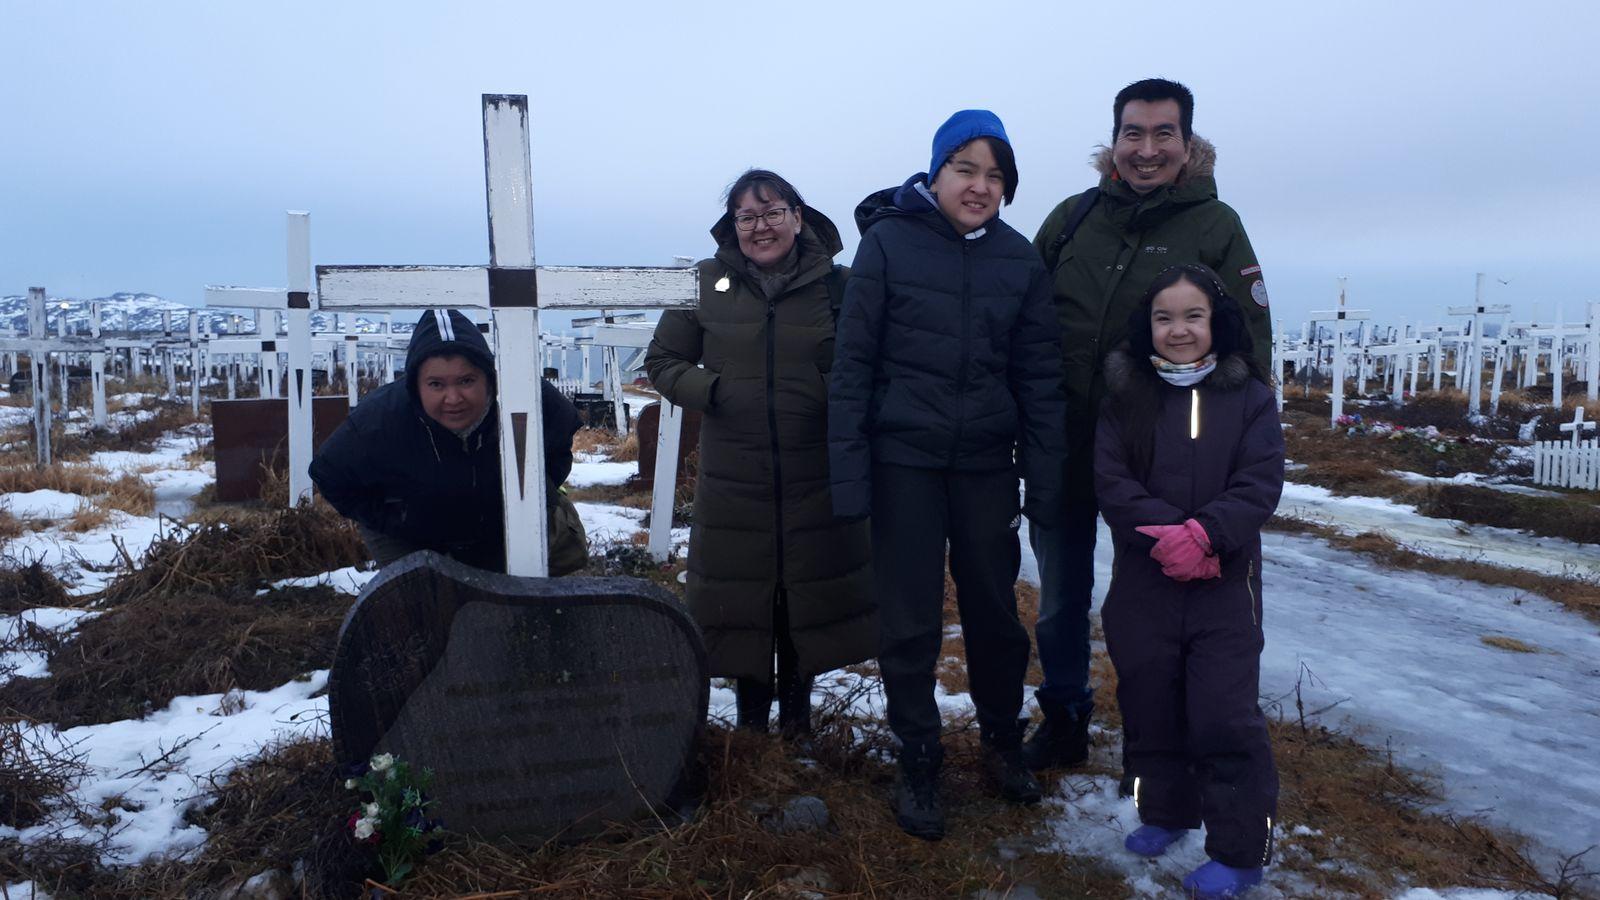 2018-12-24-1325_-_Anna Hessler Labansen; Linda Louise Hessler Isbosethsen; Mina Hessler Isobosethsen; Peter Isoboseth